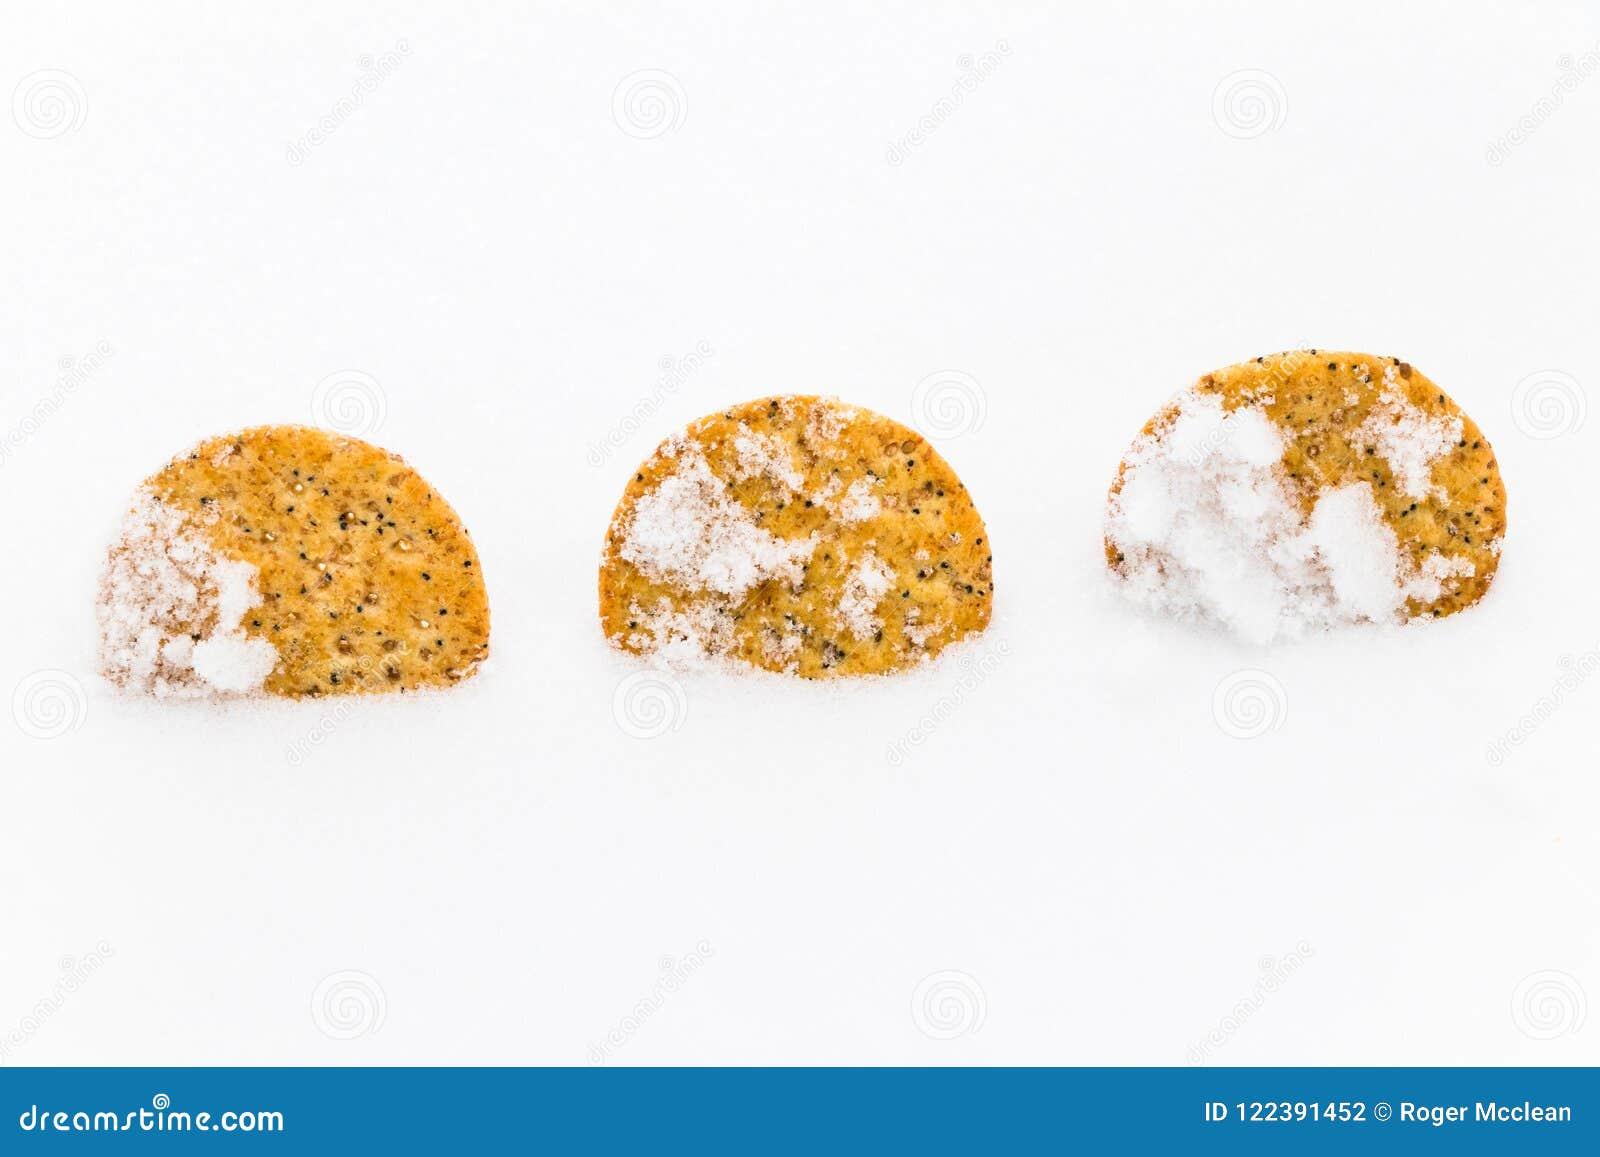 Crackerschauer im Winter